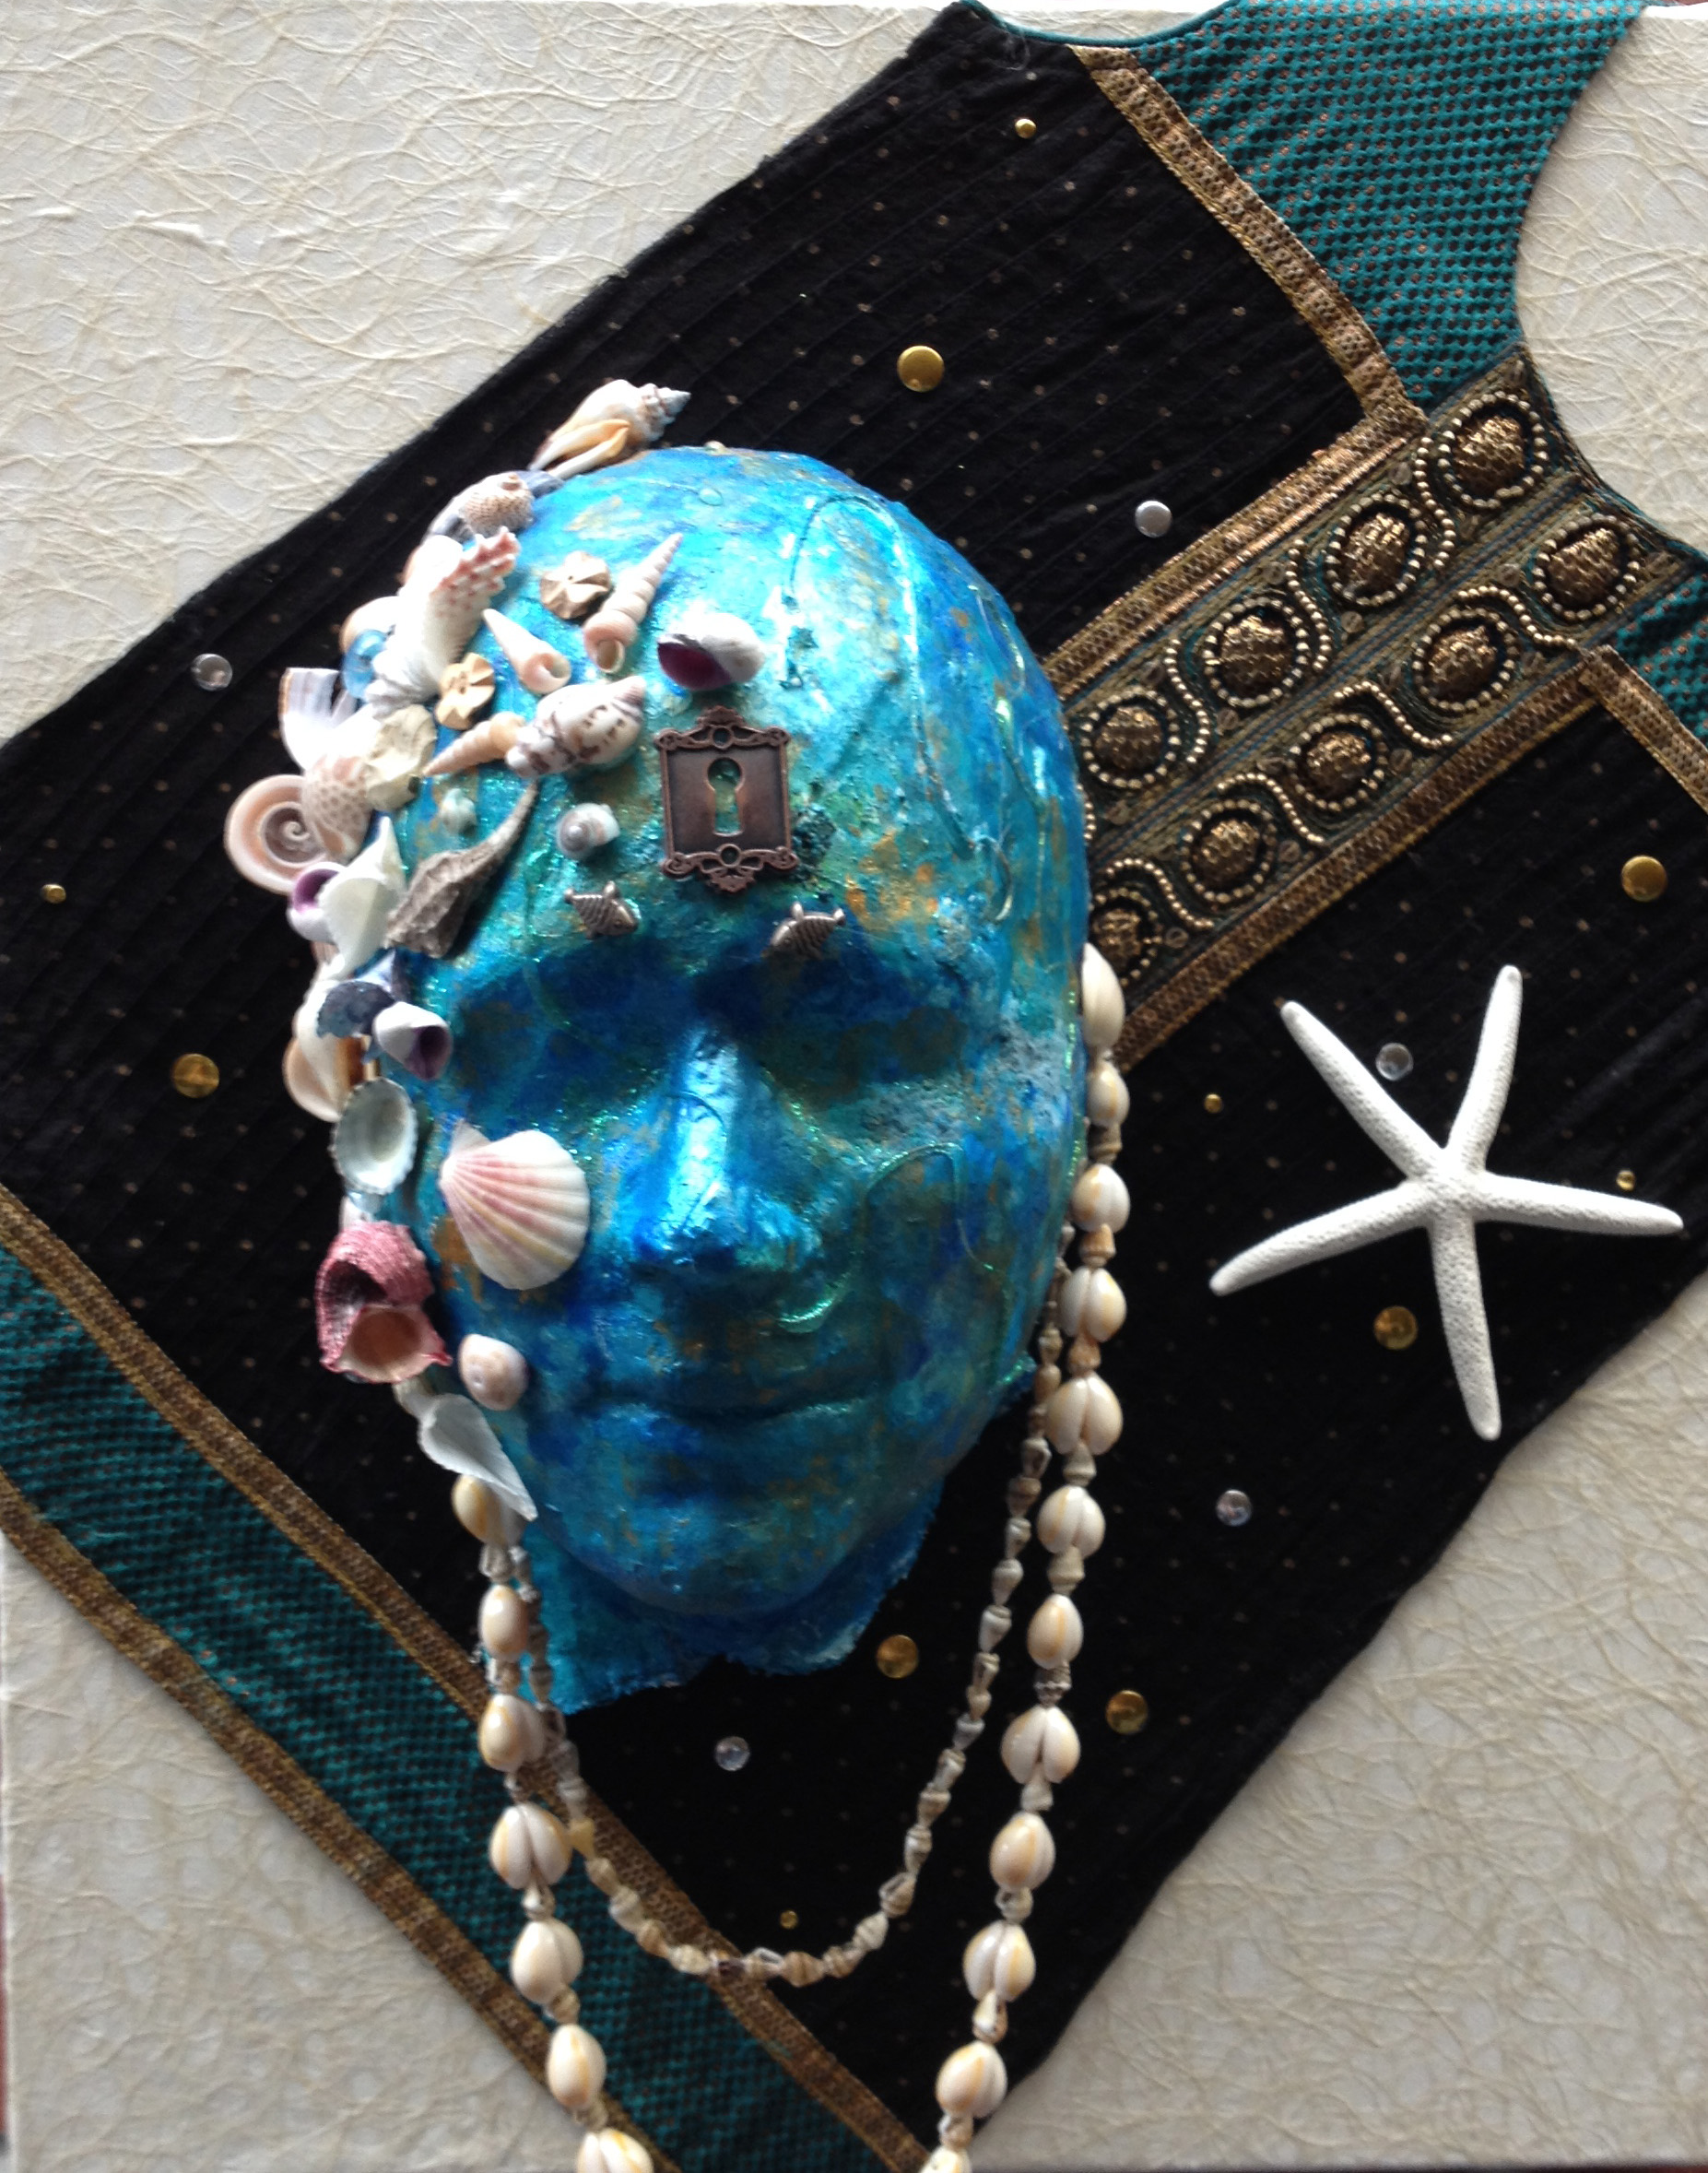 Blue Water Mermaid by Carol Faber Peake